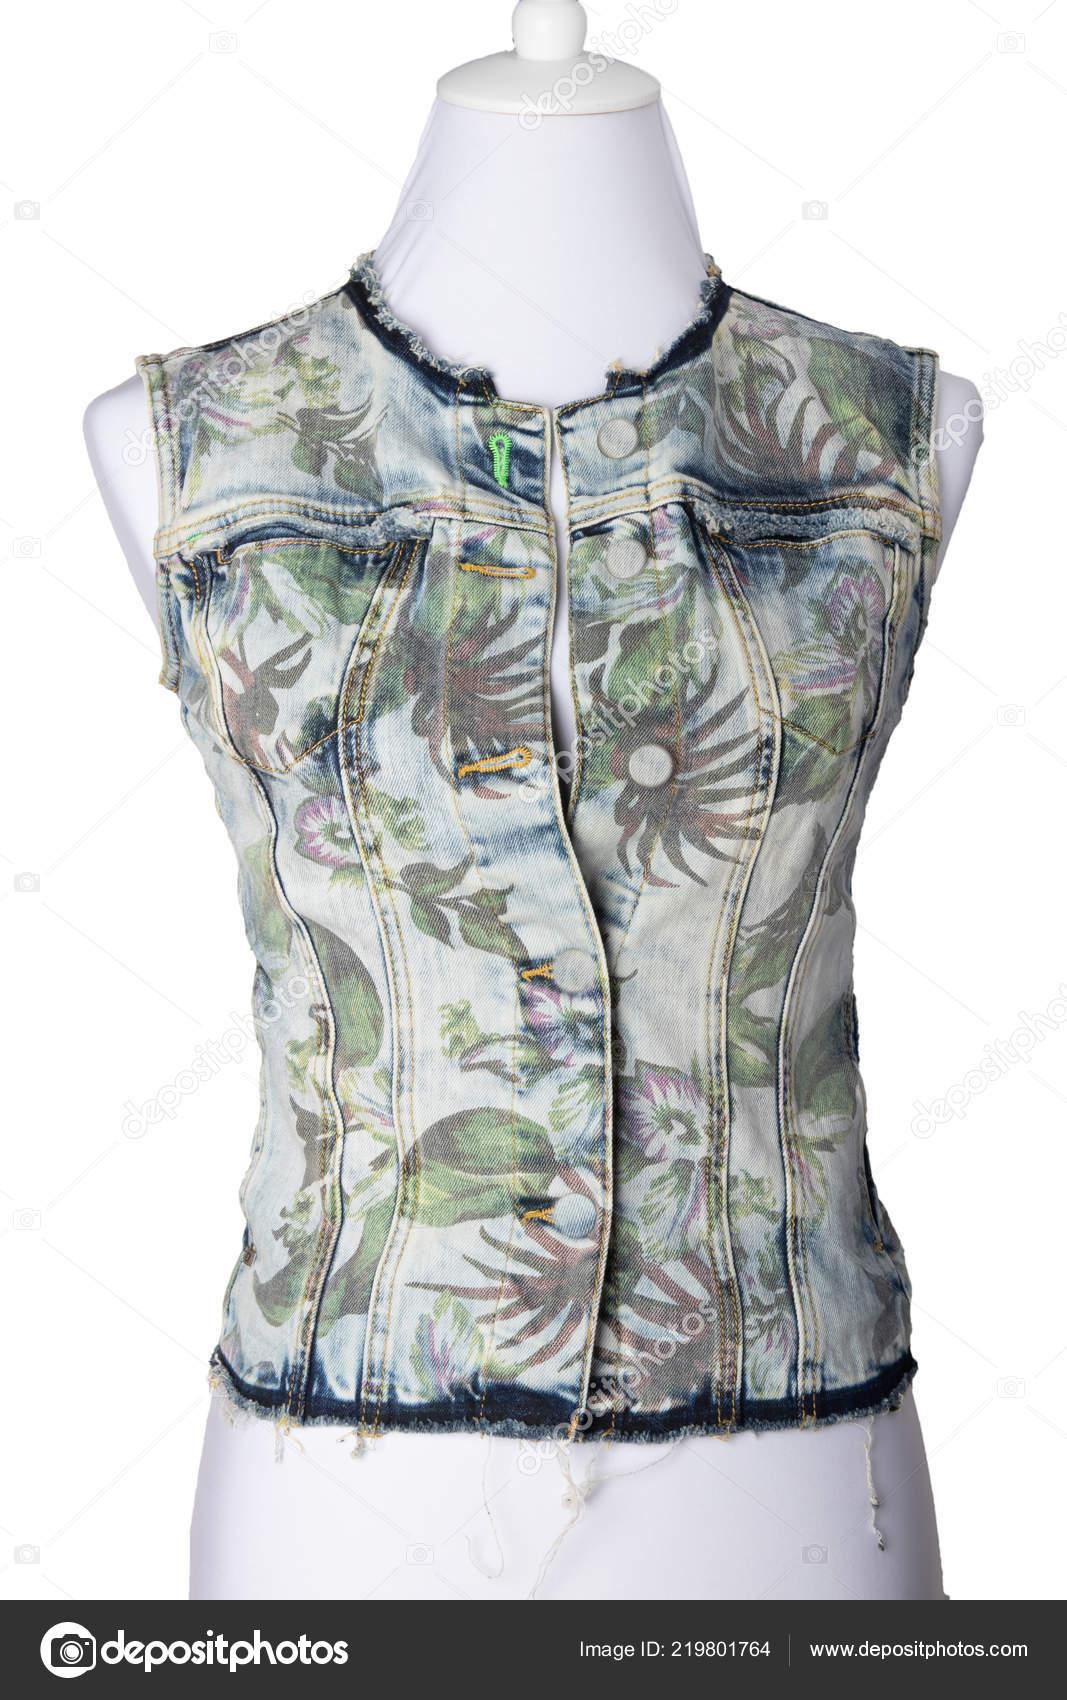 online retailer e0acb 9ffbf Vestiti Delle Donne Gilet Senza Maniche Blu Jeans Giacca ...